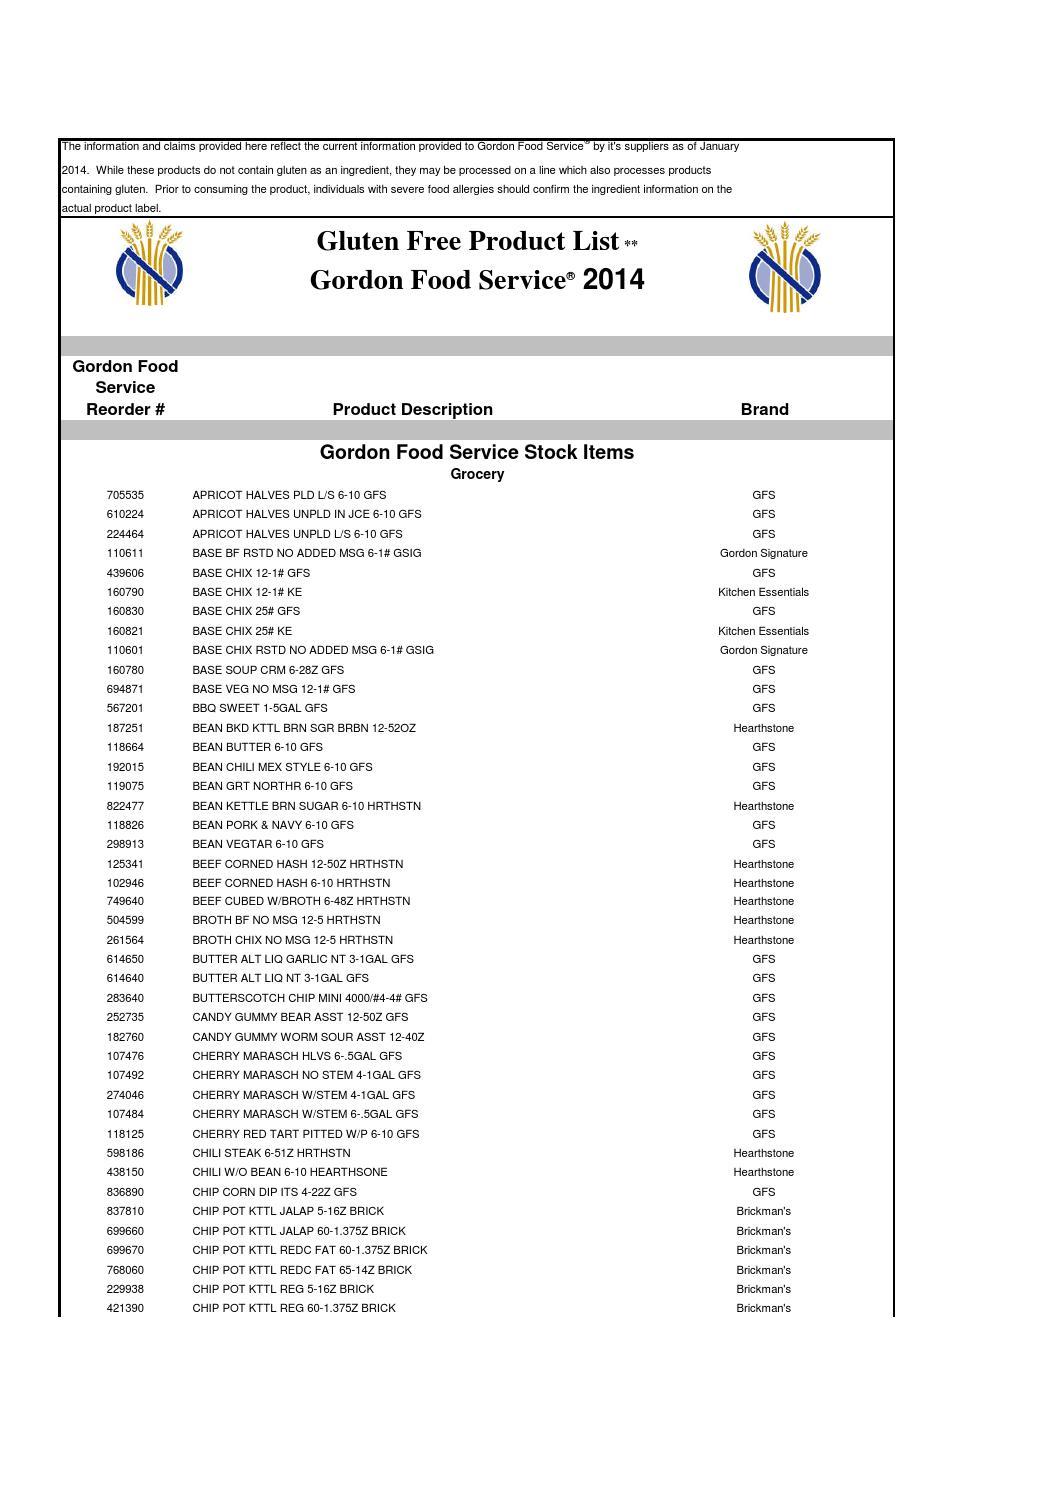 Gordon Food Service Gluten Free List